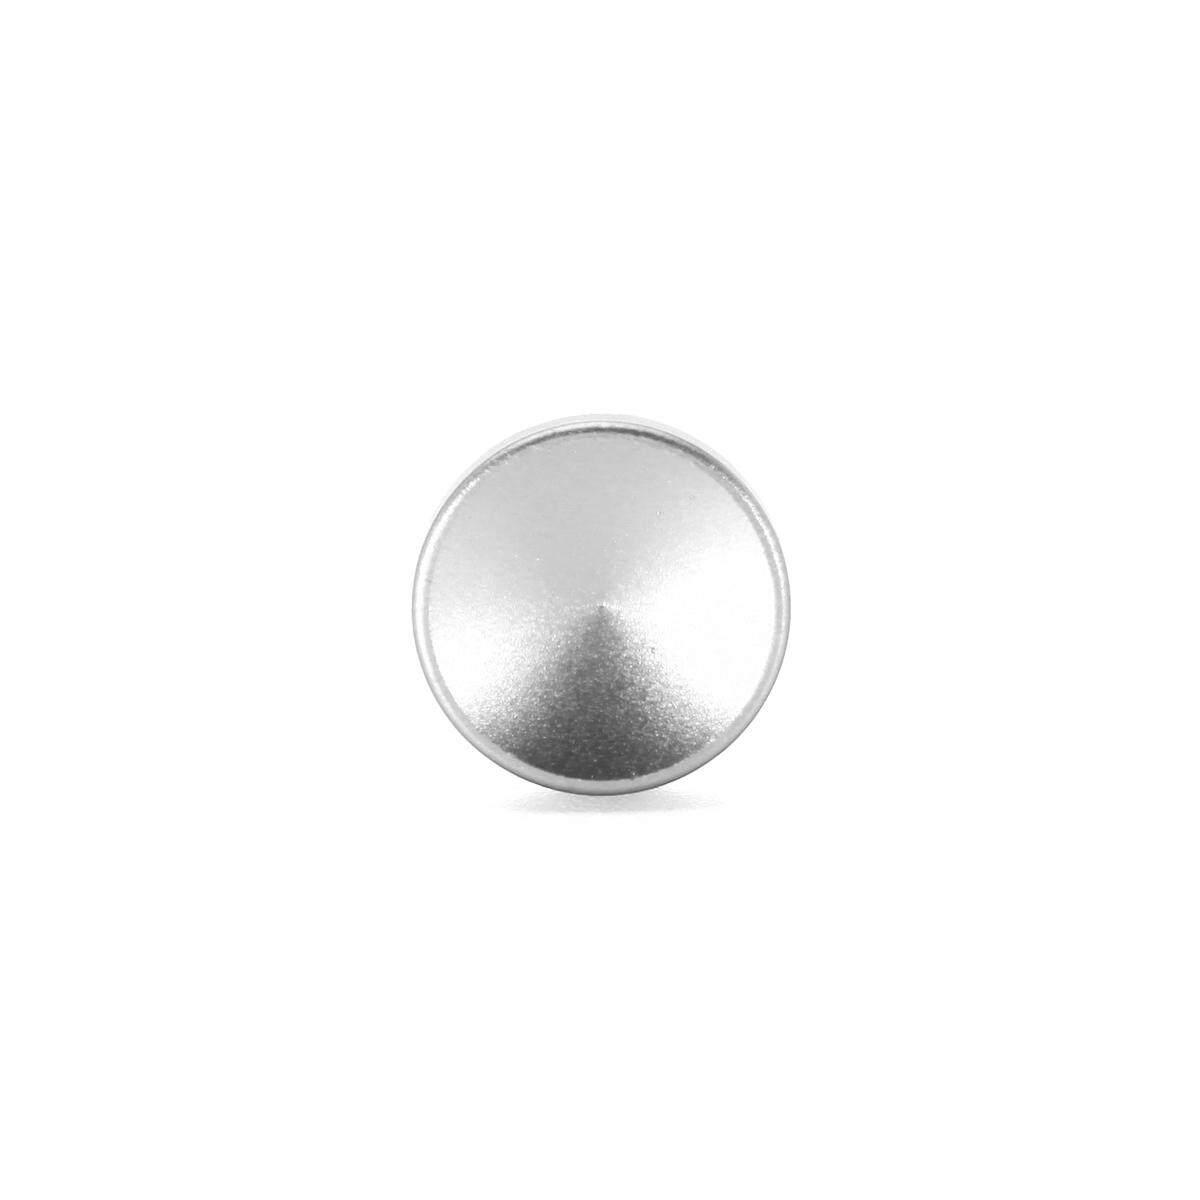 Hình ảnh Camera Shutter Concave Release Button For Fuji X100 X10 XPRO1 XE1 XE2 Replace